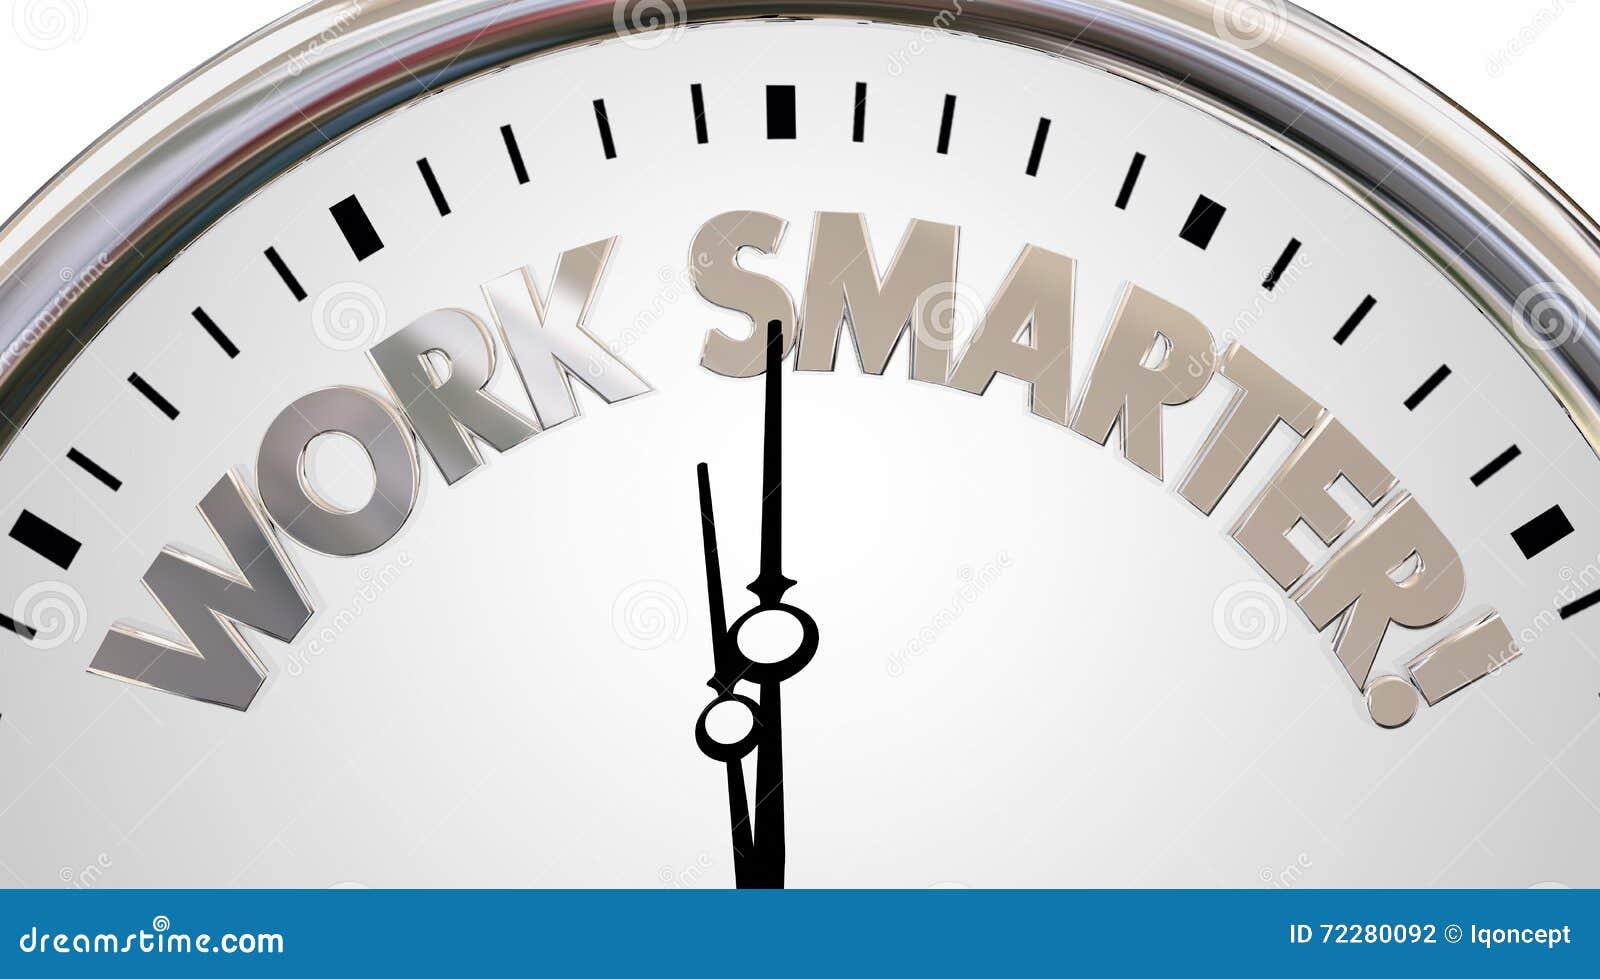 Download Работайте более умные часы сохраньте иллюстрацию слов 3d эффективности времени Иллюстрация штока - иллюстрации насчитывающей сбережениа, задачи: 72280092